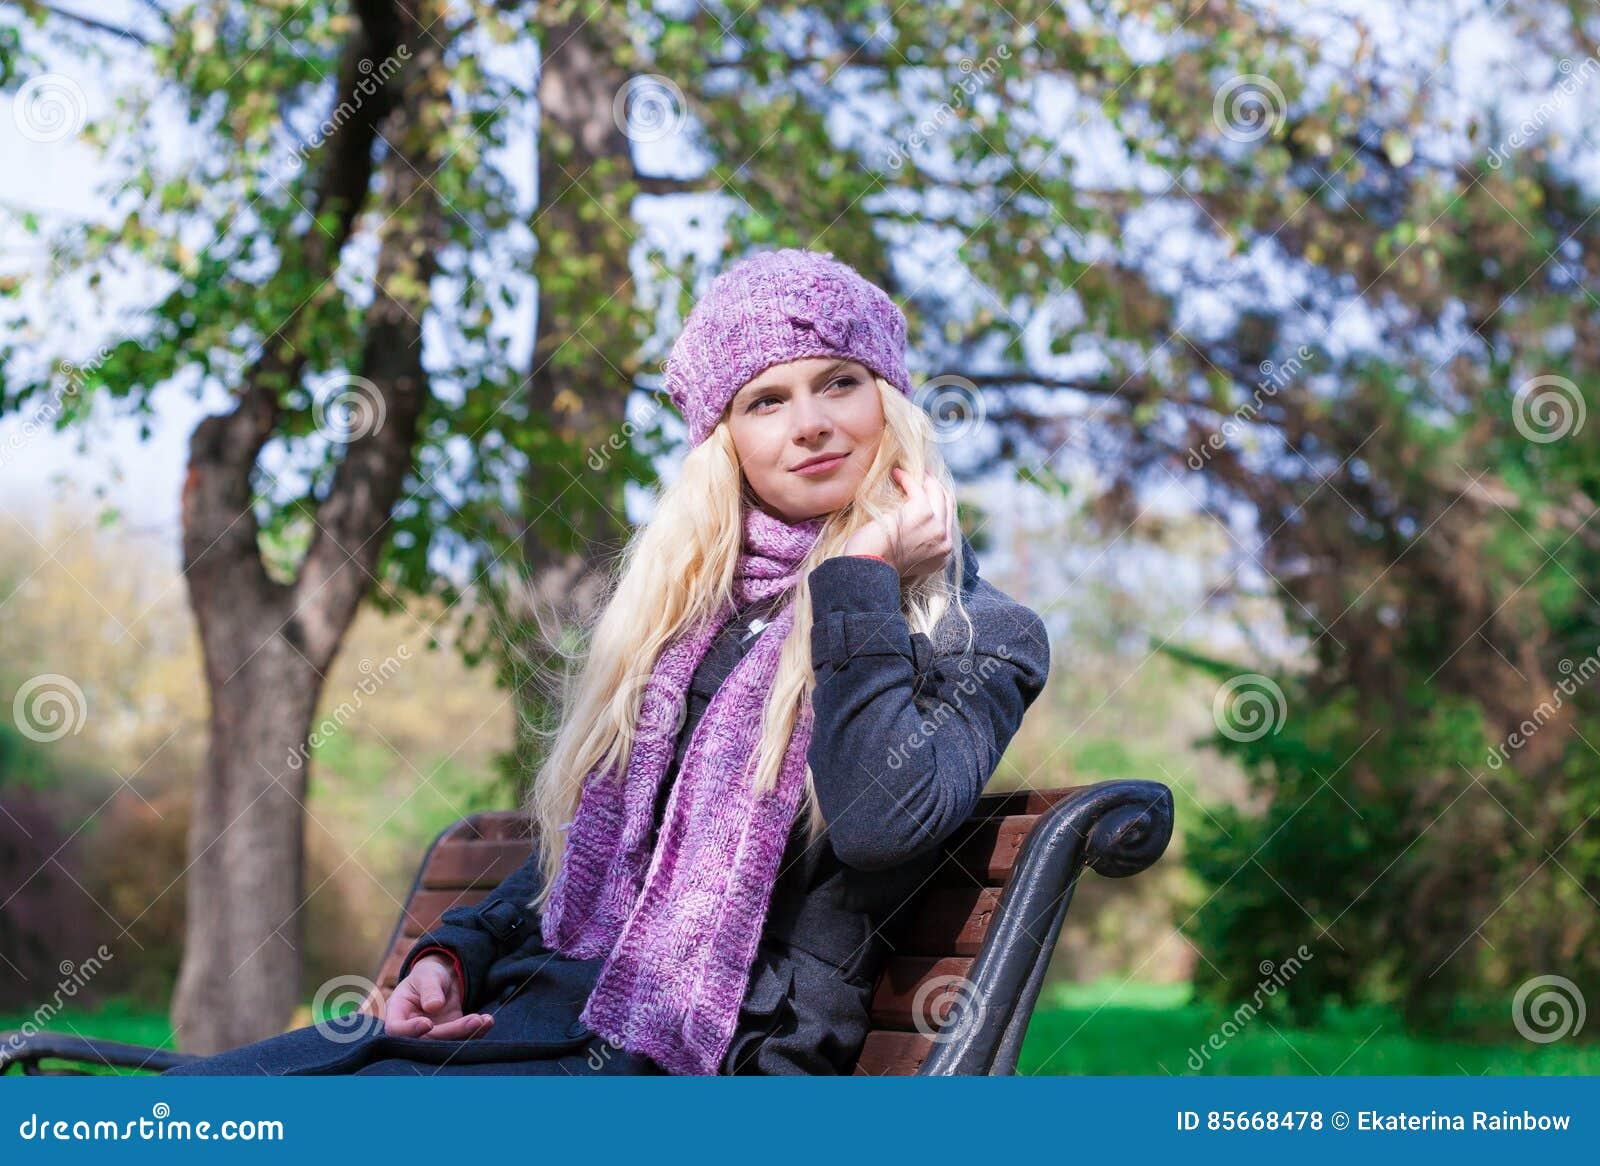 Το όμορφο νέο ρομαντικό κομψό ξανθό πρόσωπο γυναικών 47c3c71f182